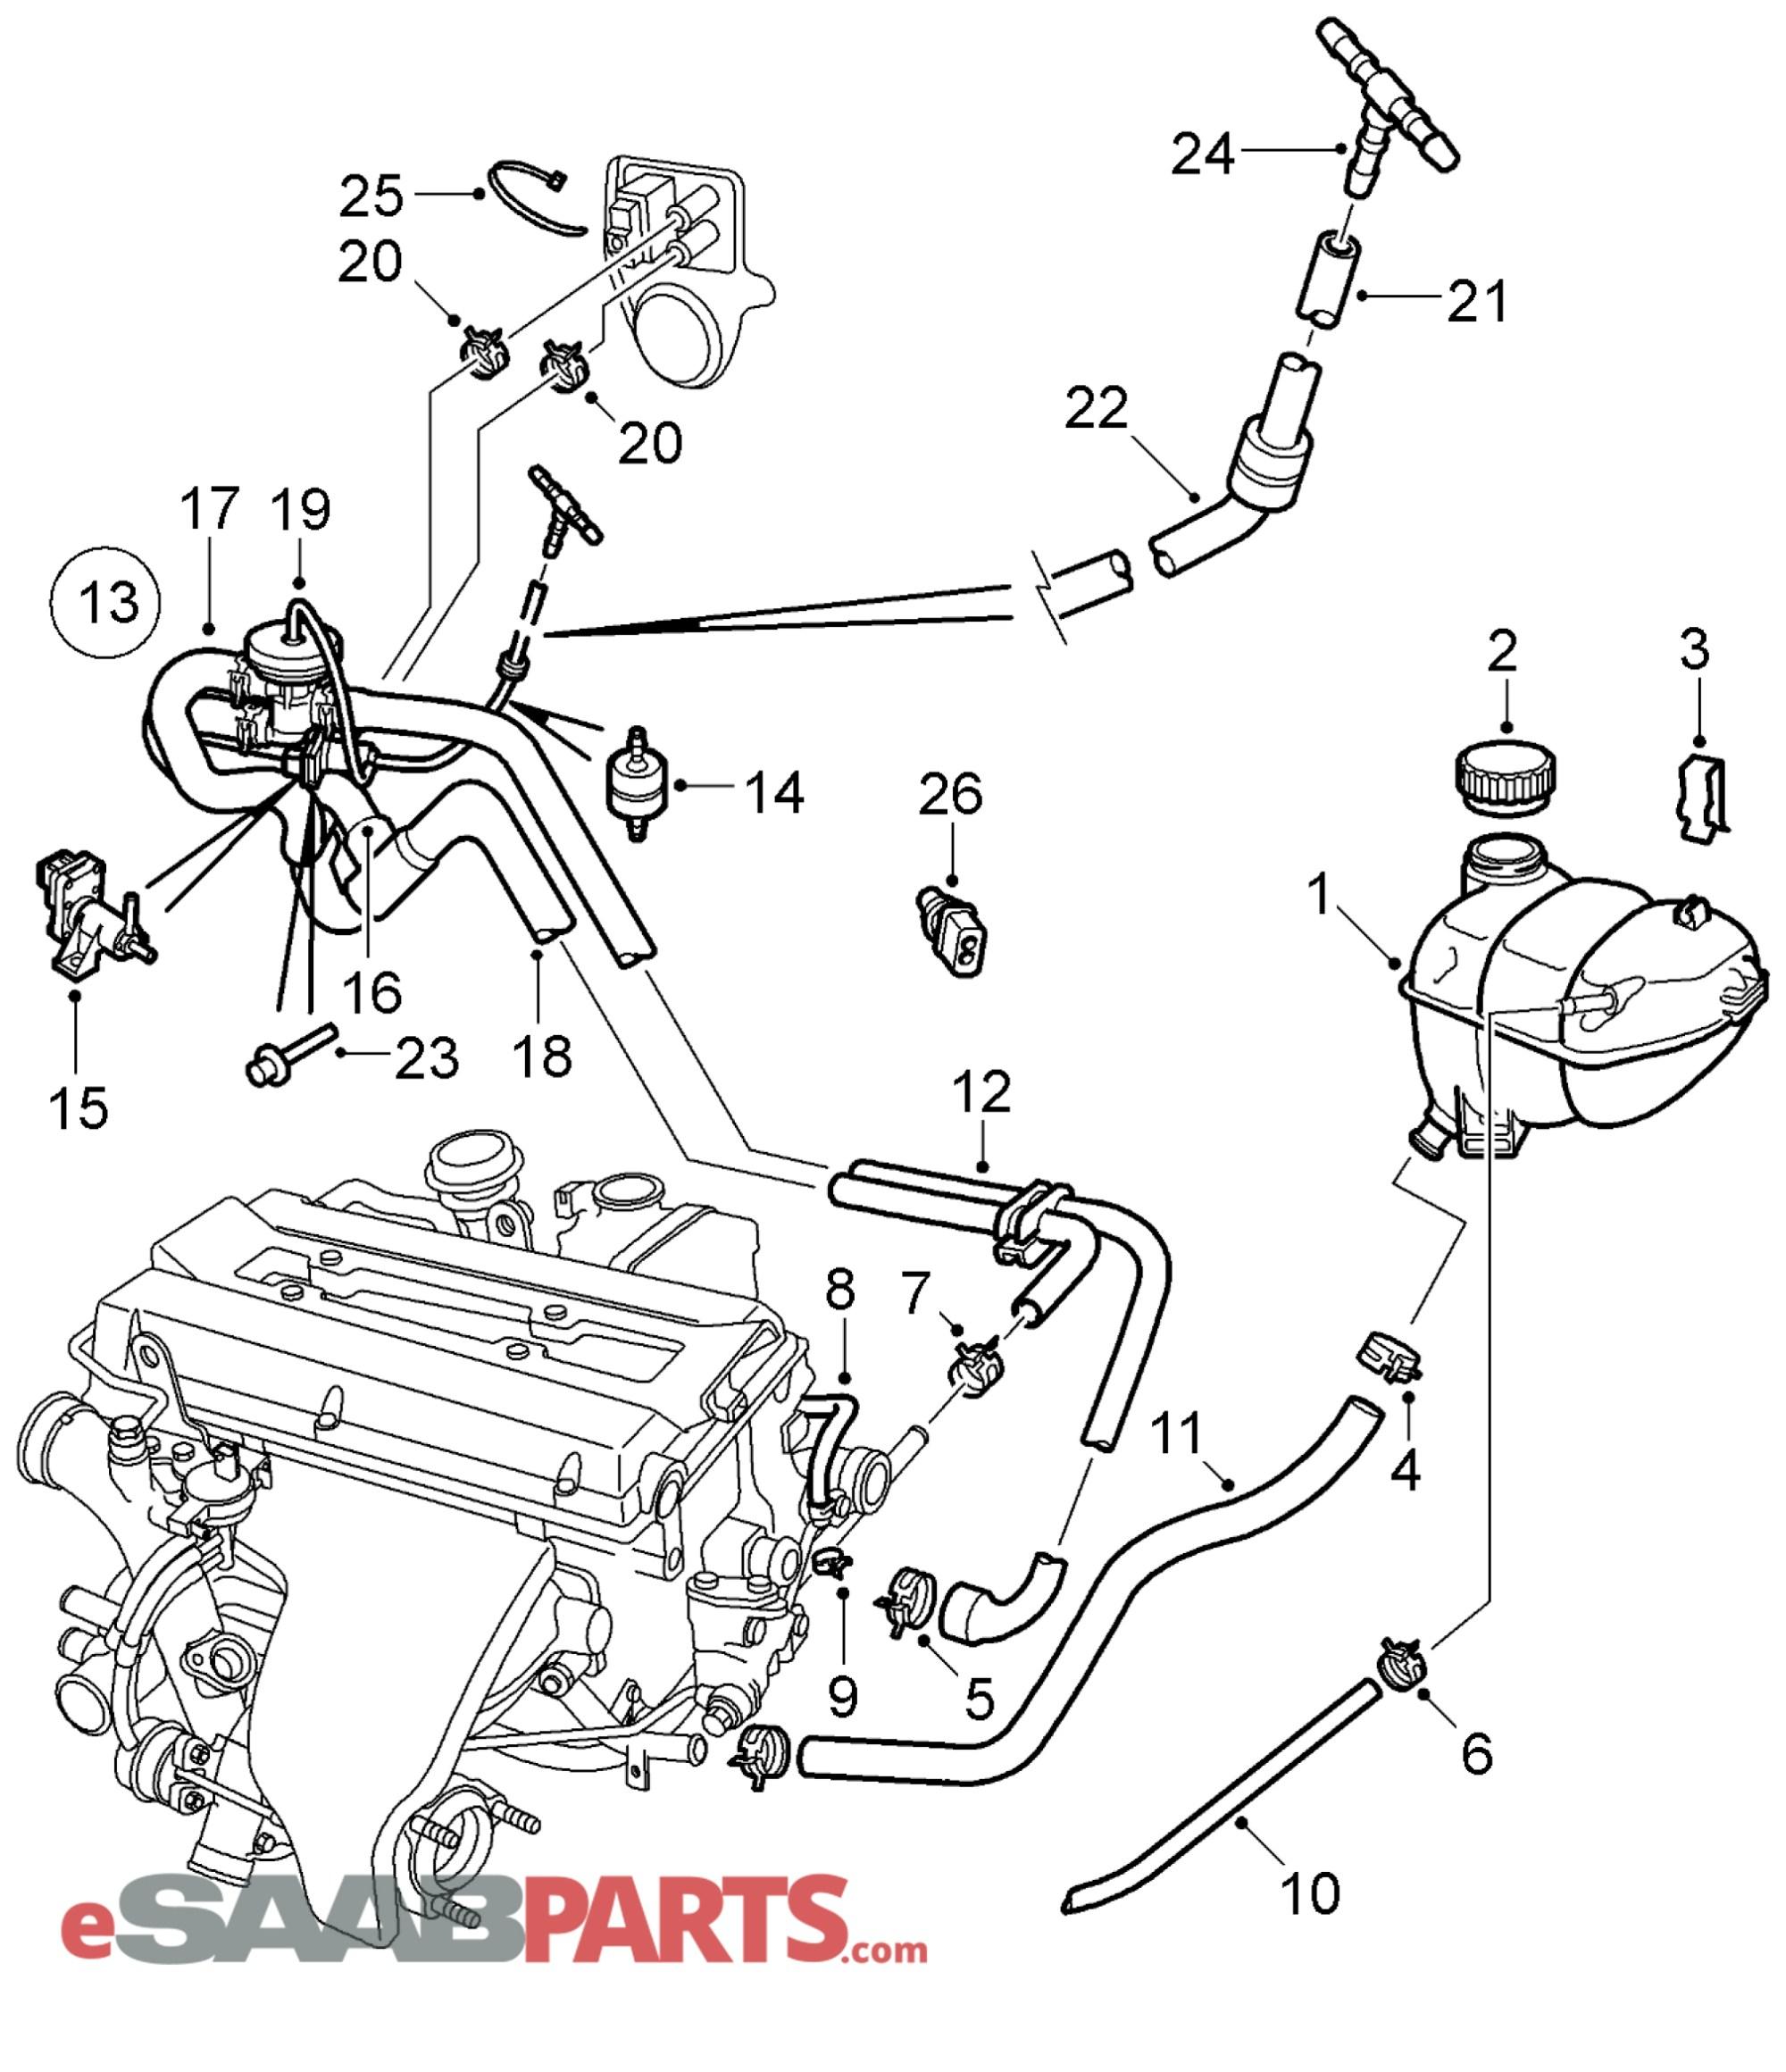 hight resolution of esaabparts com saab 9 5 9600 engine parts coolant expansion tank coolant expansion tank b235